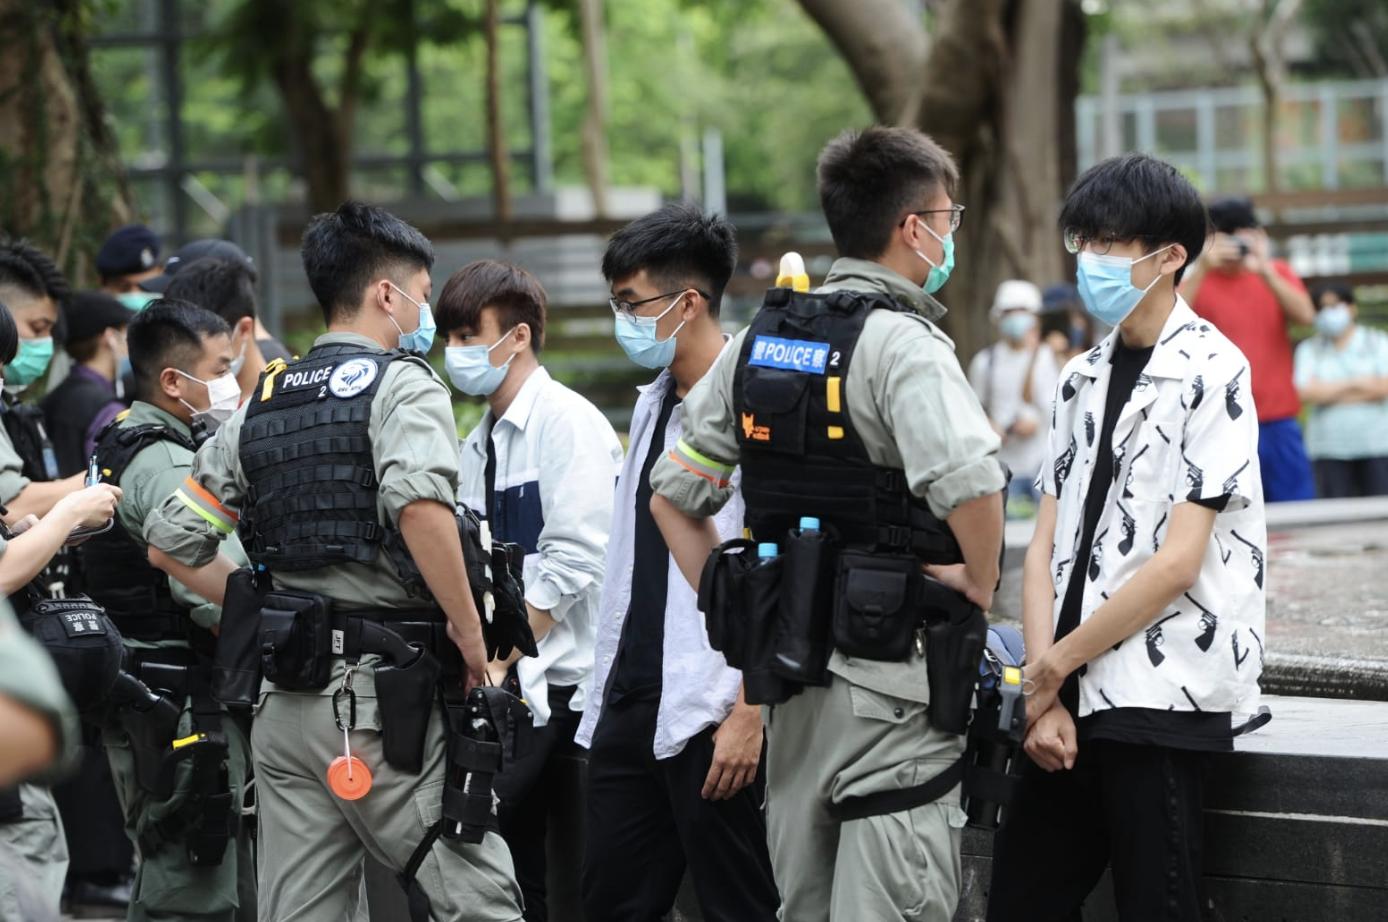 6.16紀念,維園水池邊,不少學生被防暴警察扣查。(宋碧龍/大紀元)